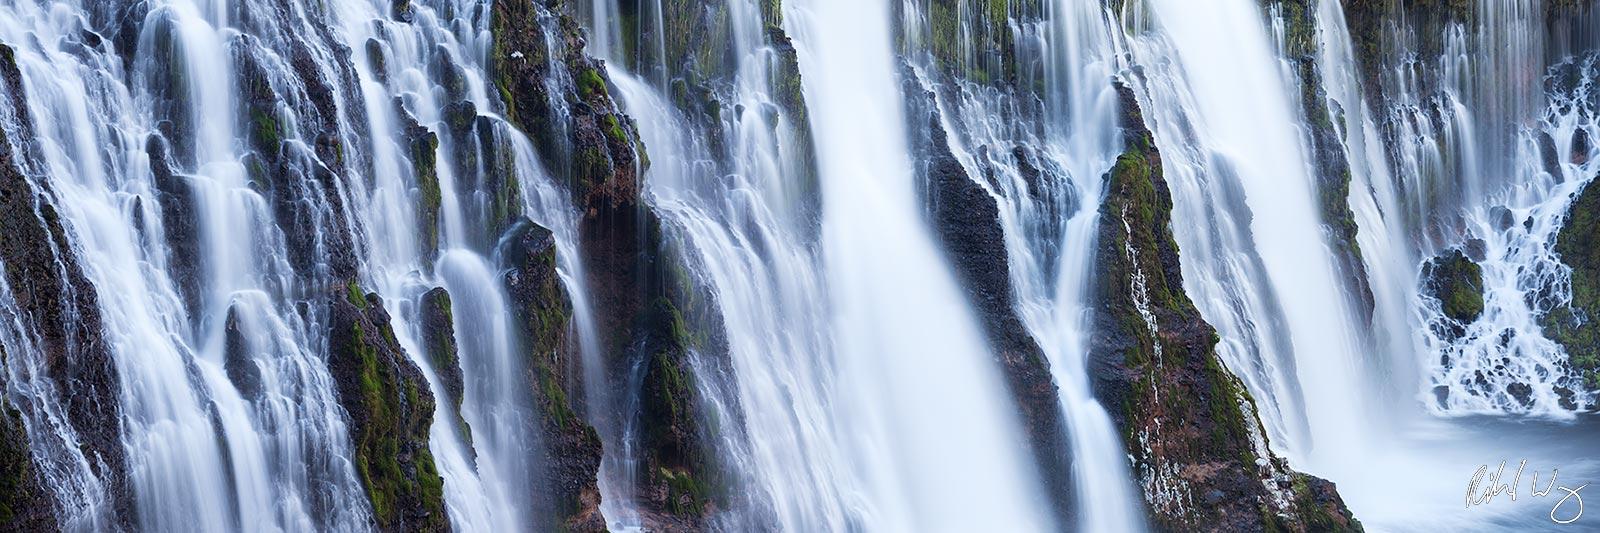 Burney Falls Panoramic, MacArthur-Burney Falls Memorial State Park, California